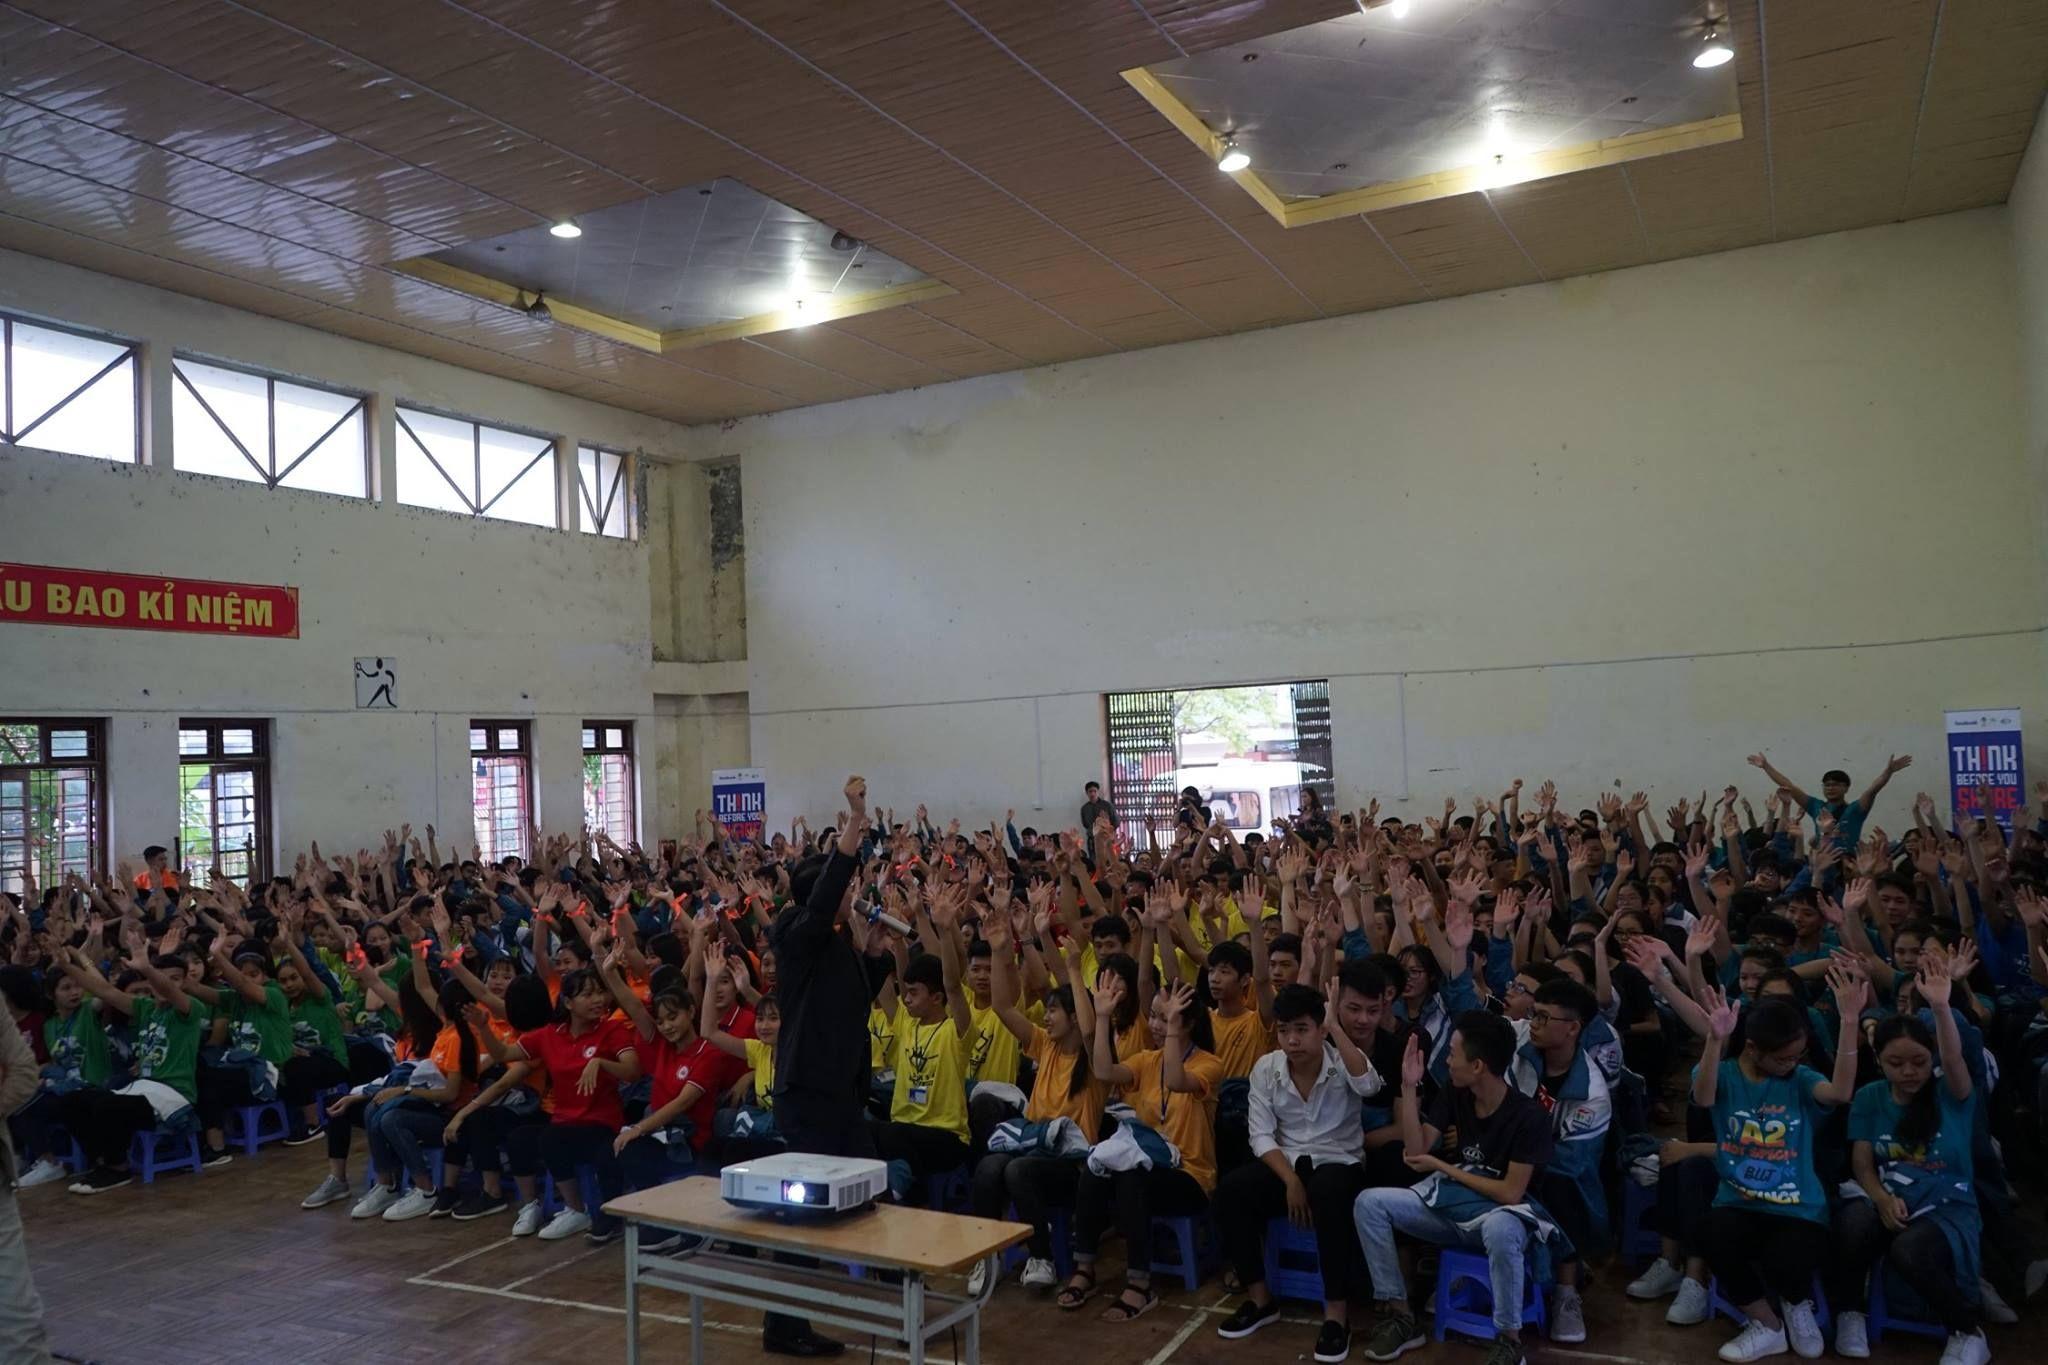 Buổi ngoại khóa thật bổ ích của học sinh trường THPT Ngô Quyền - Ba Vì